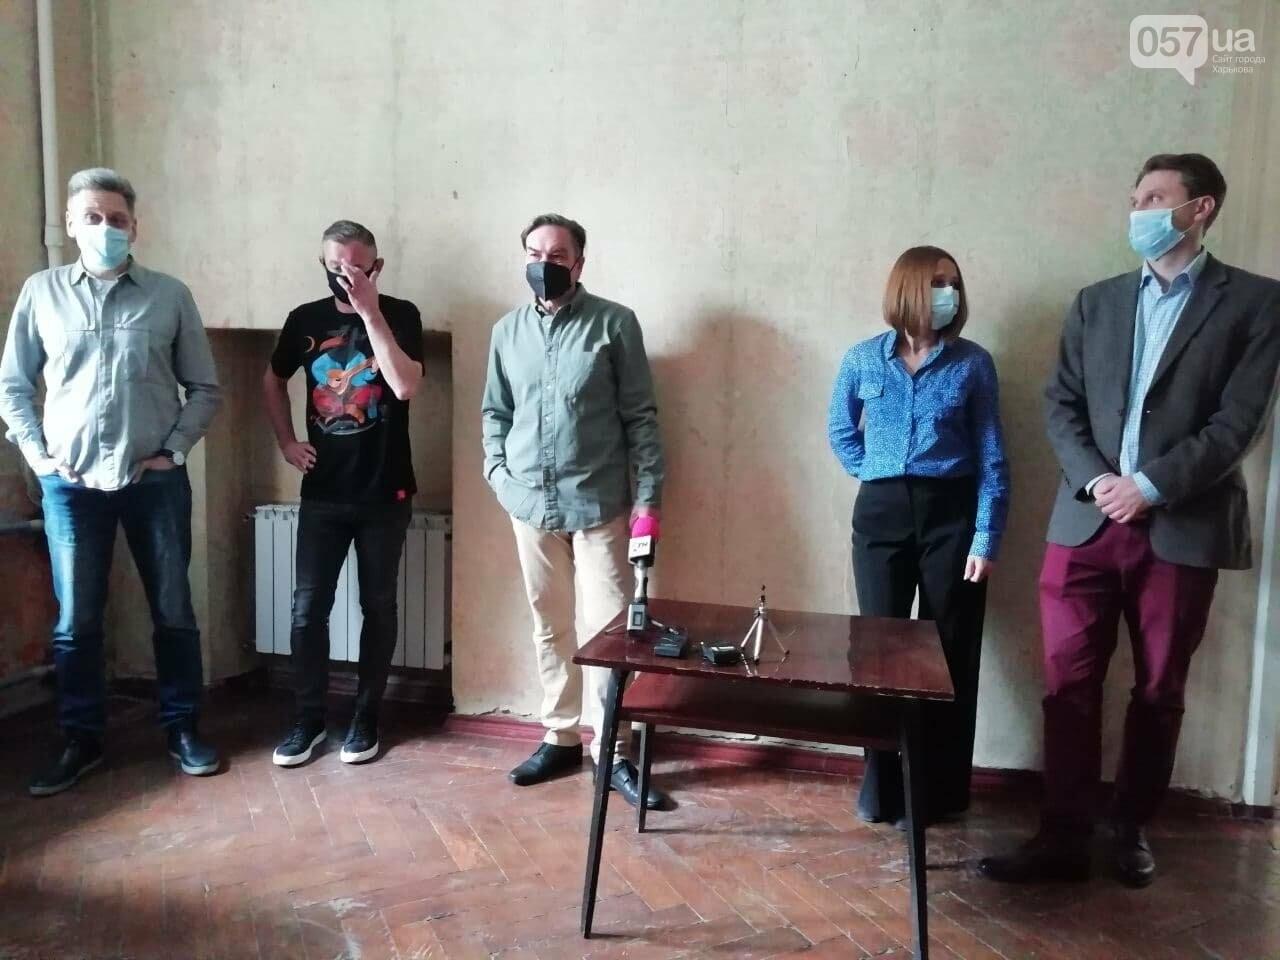 Квартира Шевелева в центра Харькова стала творческой резиденцией, - ФОТО, ВИДЕО, фото-4